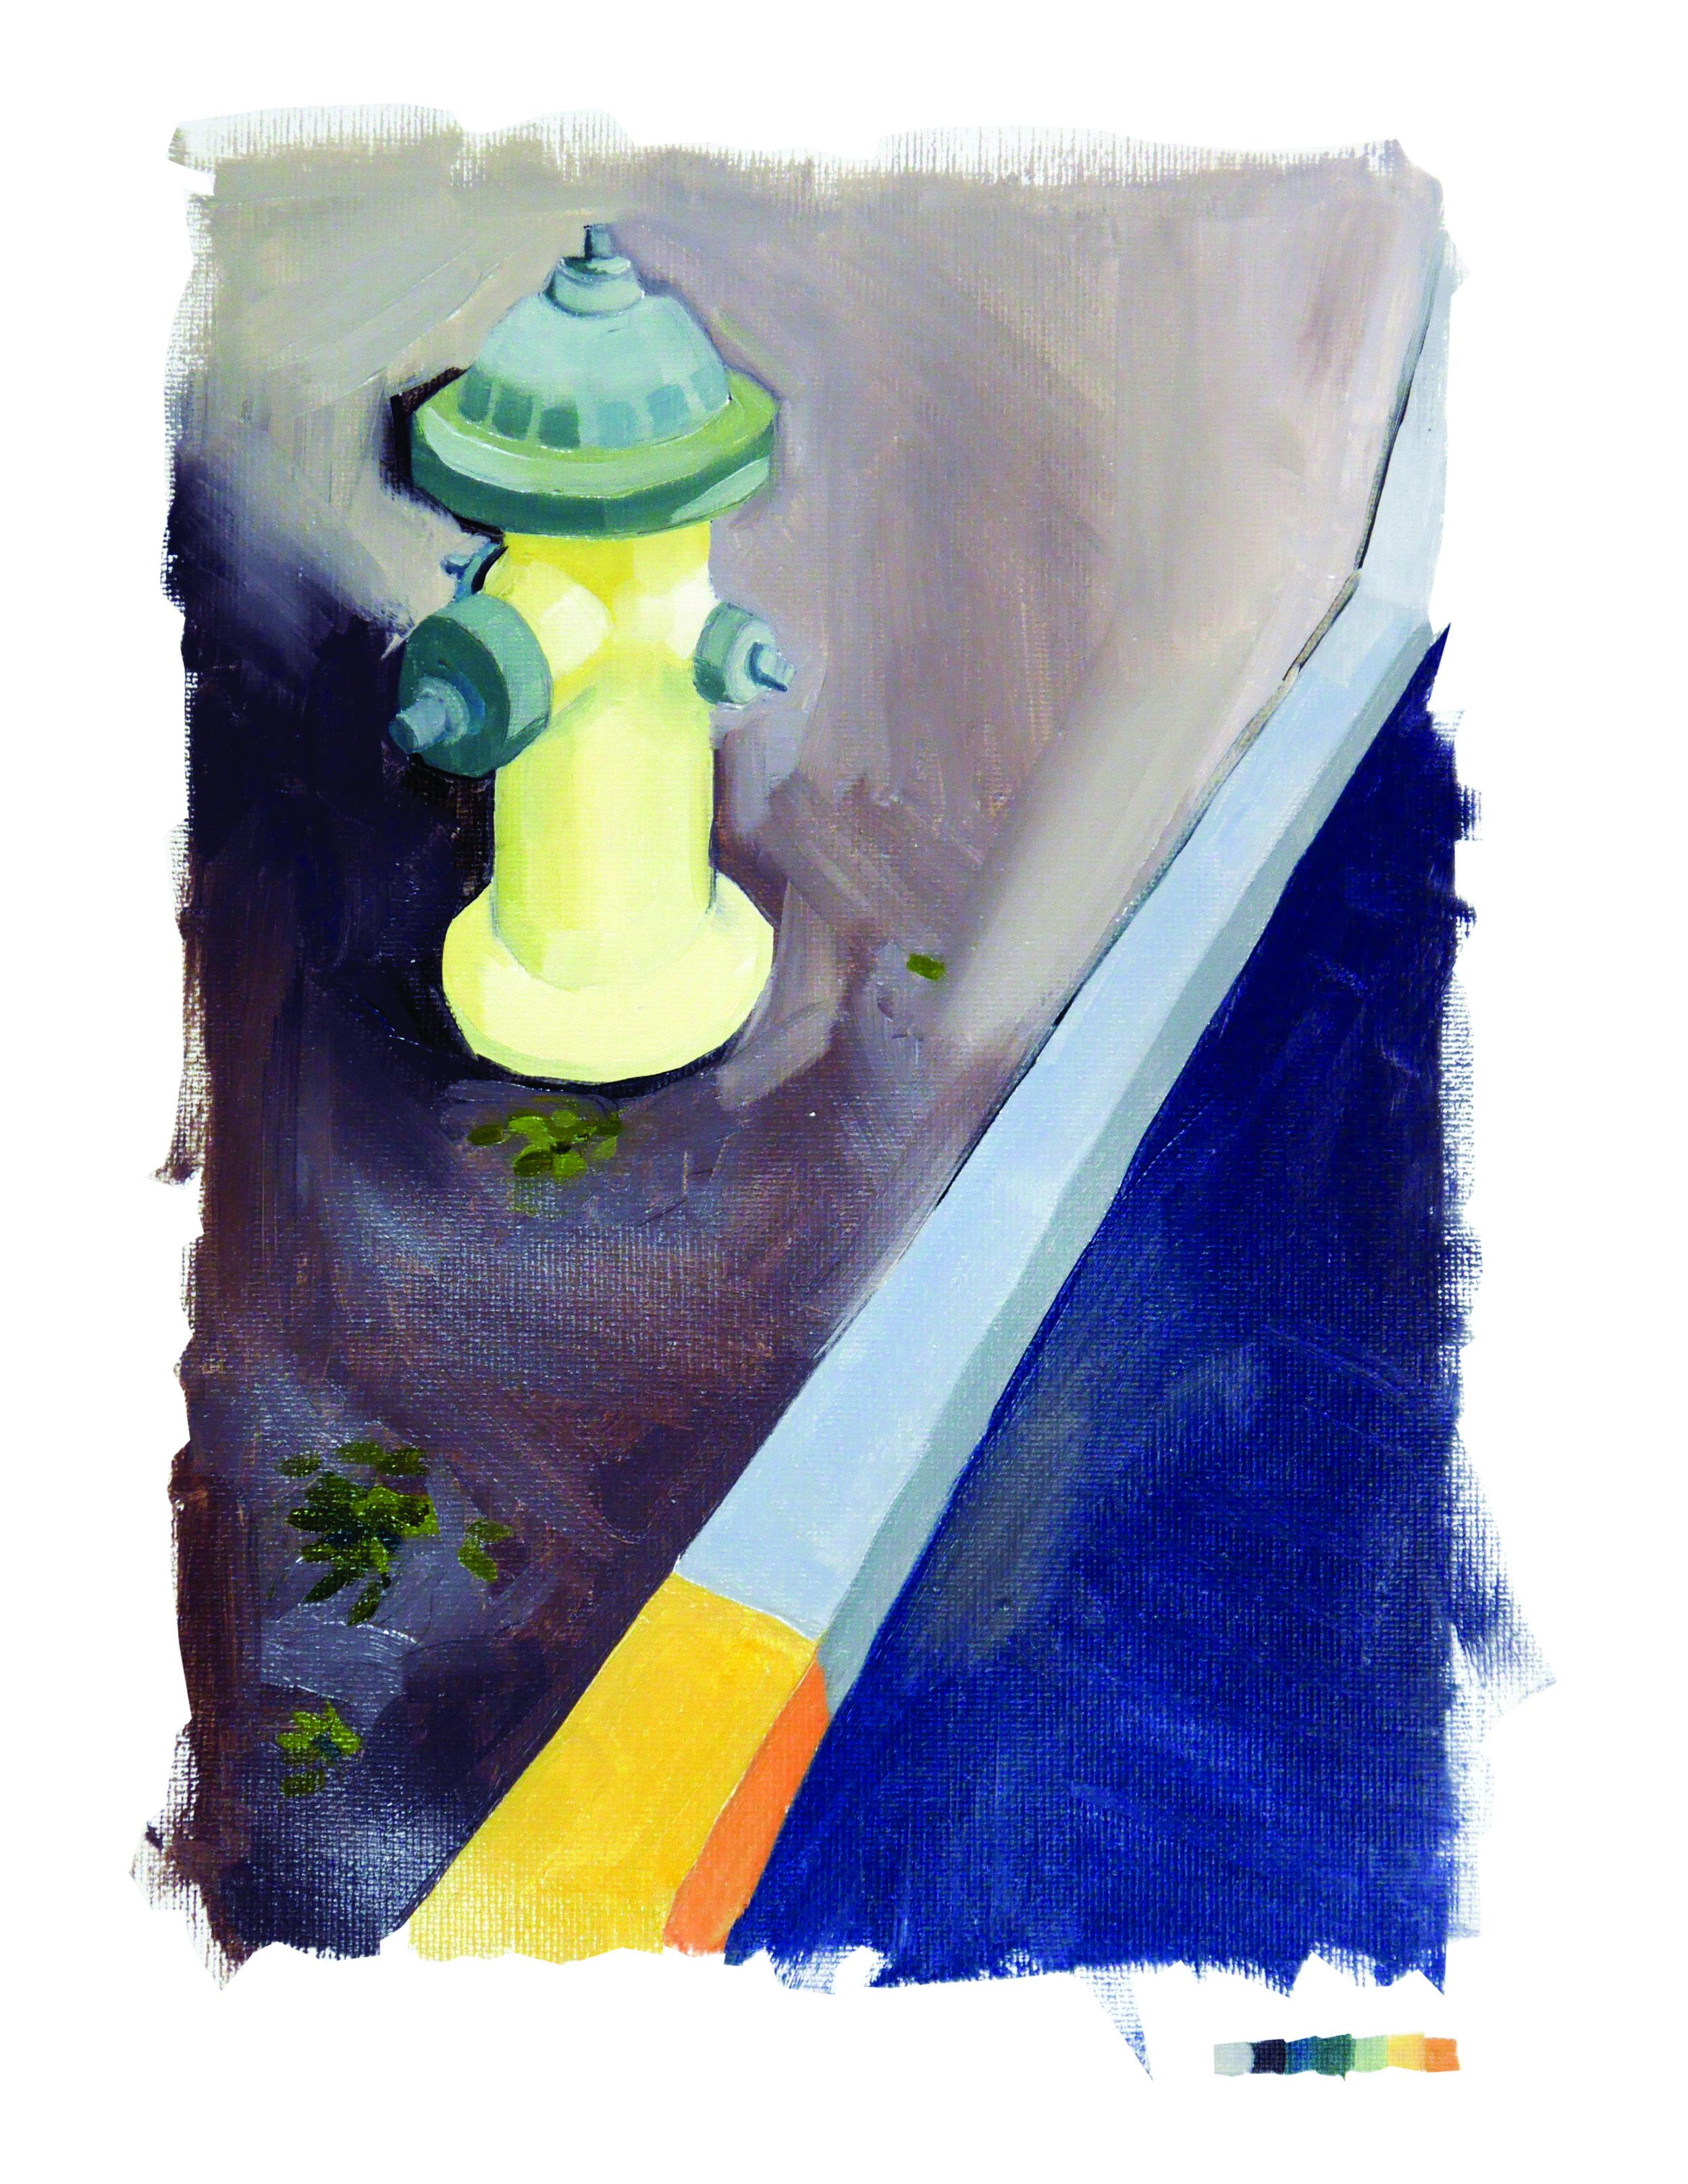 A Florida Hydrant